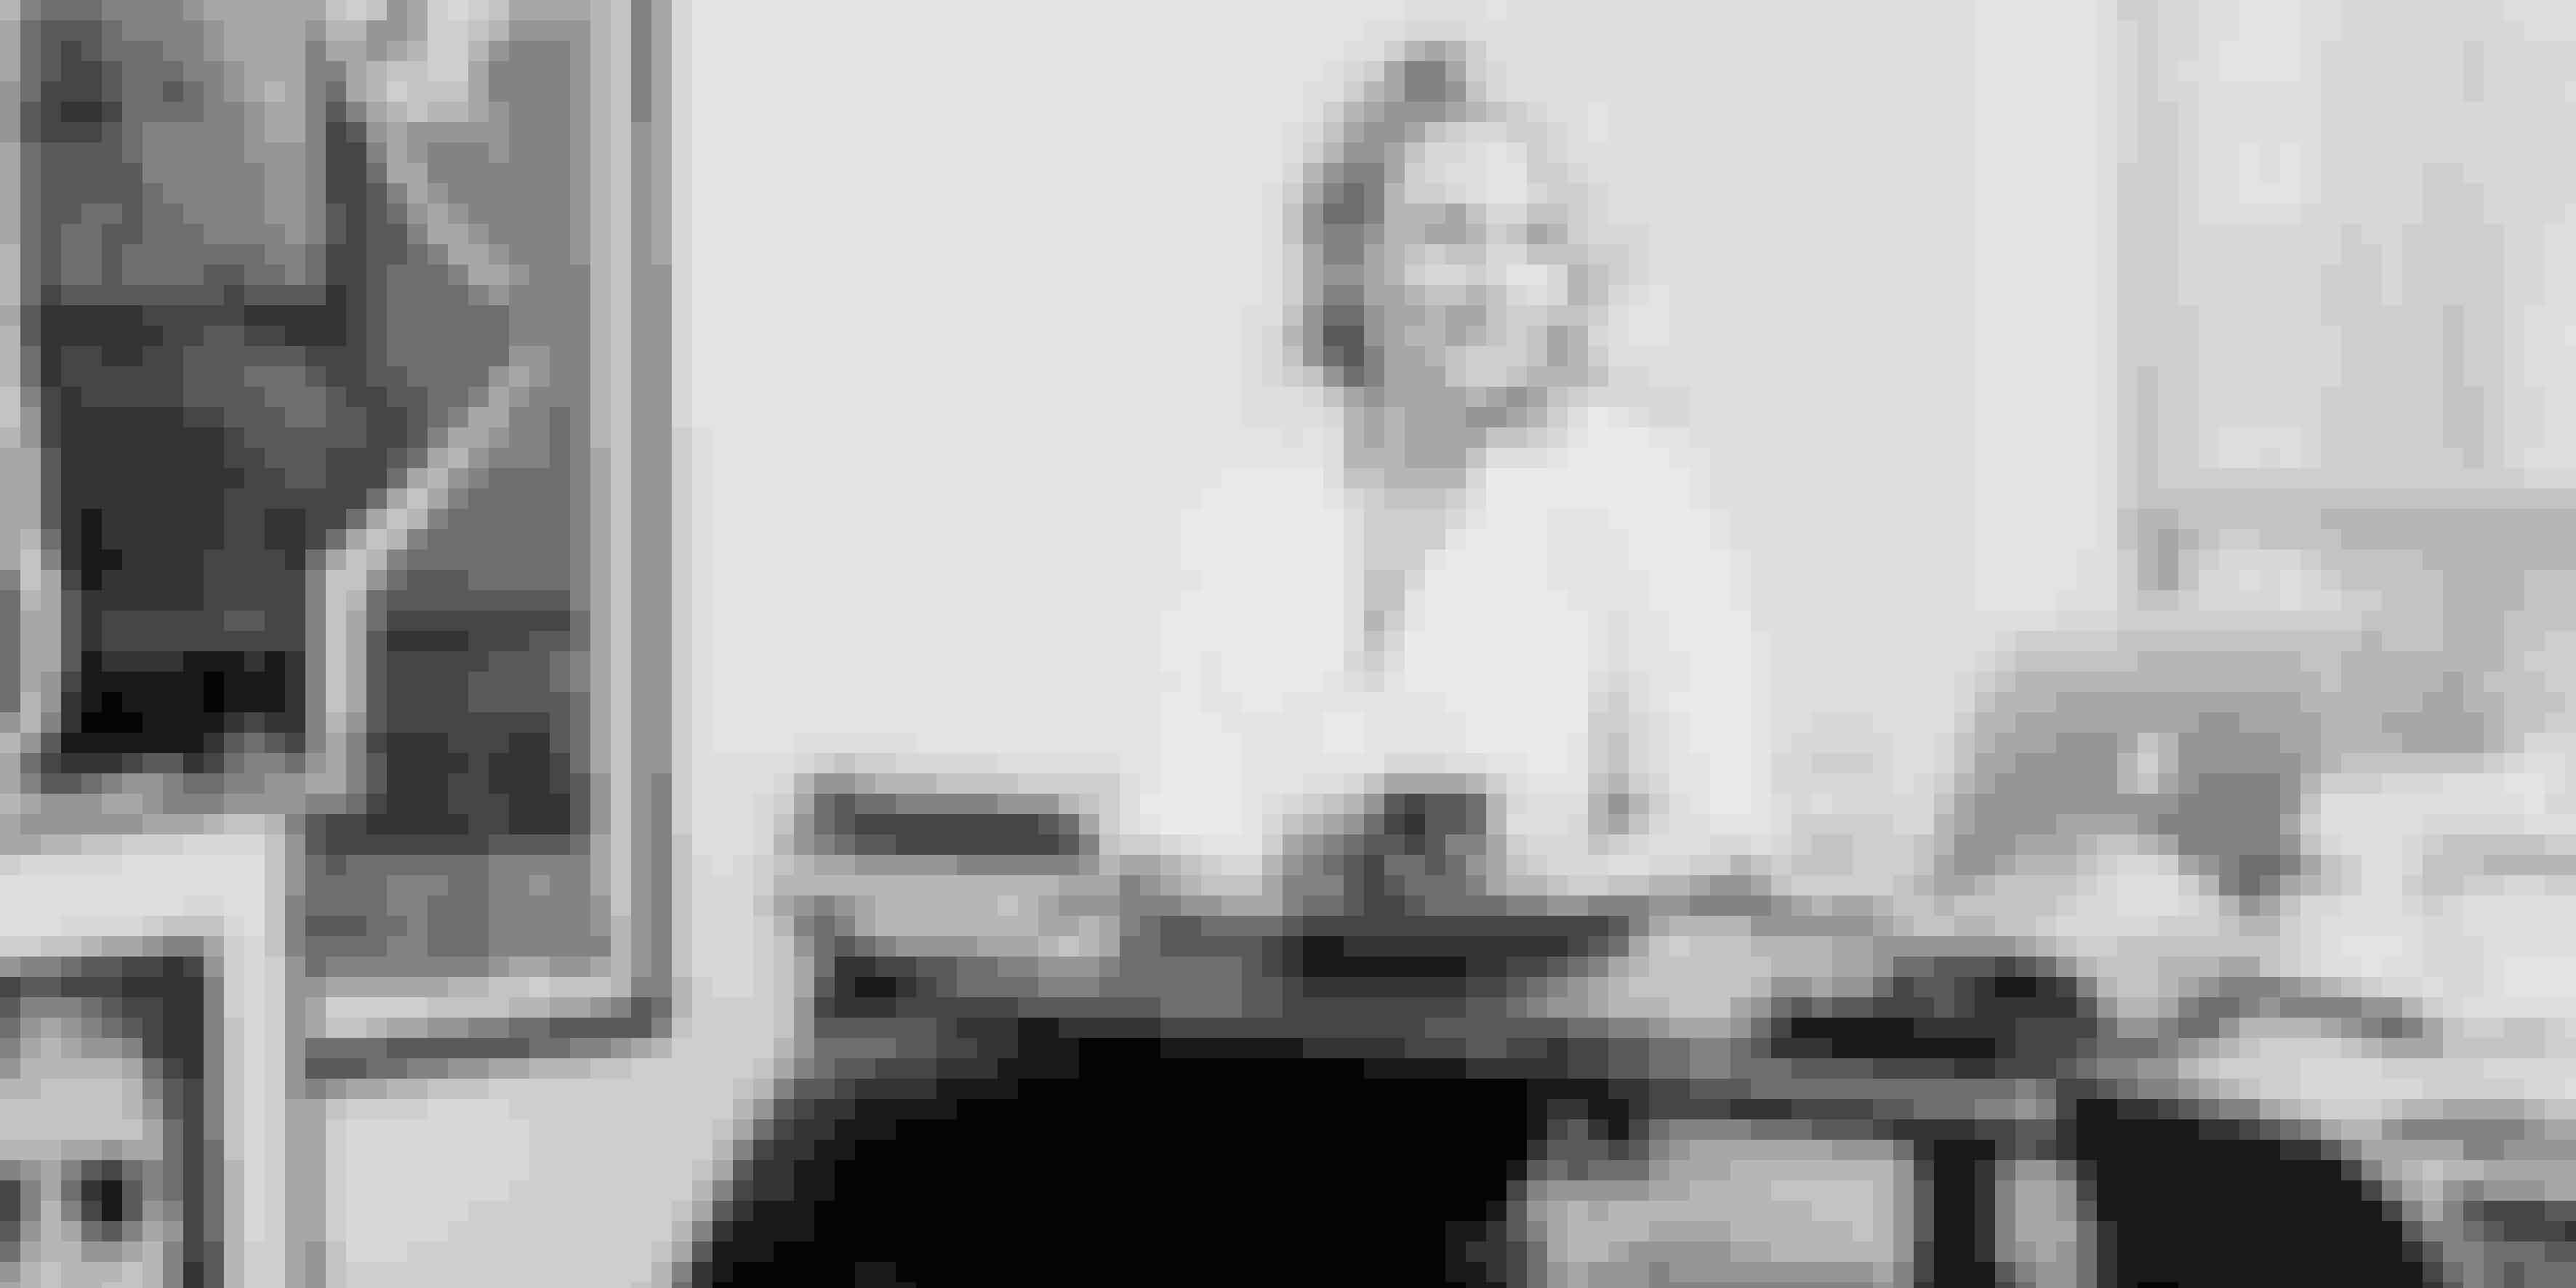 Christiane Vejlø er en af Danmarks stærkeste profiler, når det handler om den teknologi, vi omgiver os med i hverdagen. Christiane er trendforsker i virksomheden Elektronista Media, som rådgiver erhvervslivet i den digitale fremtid.